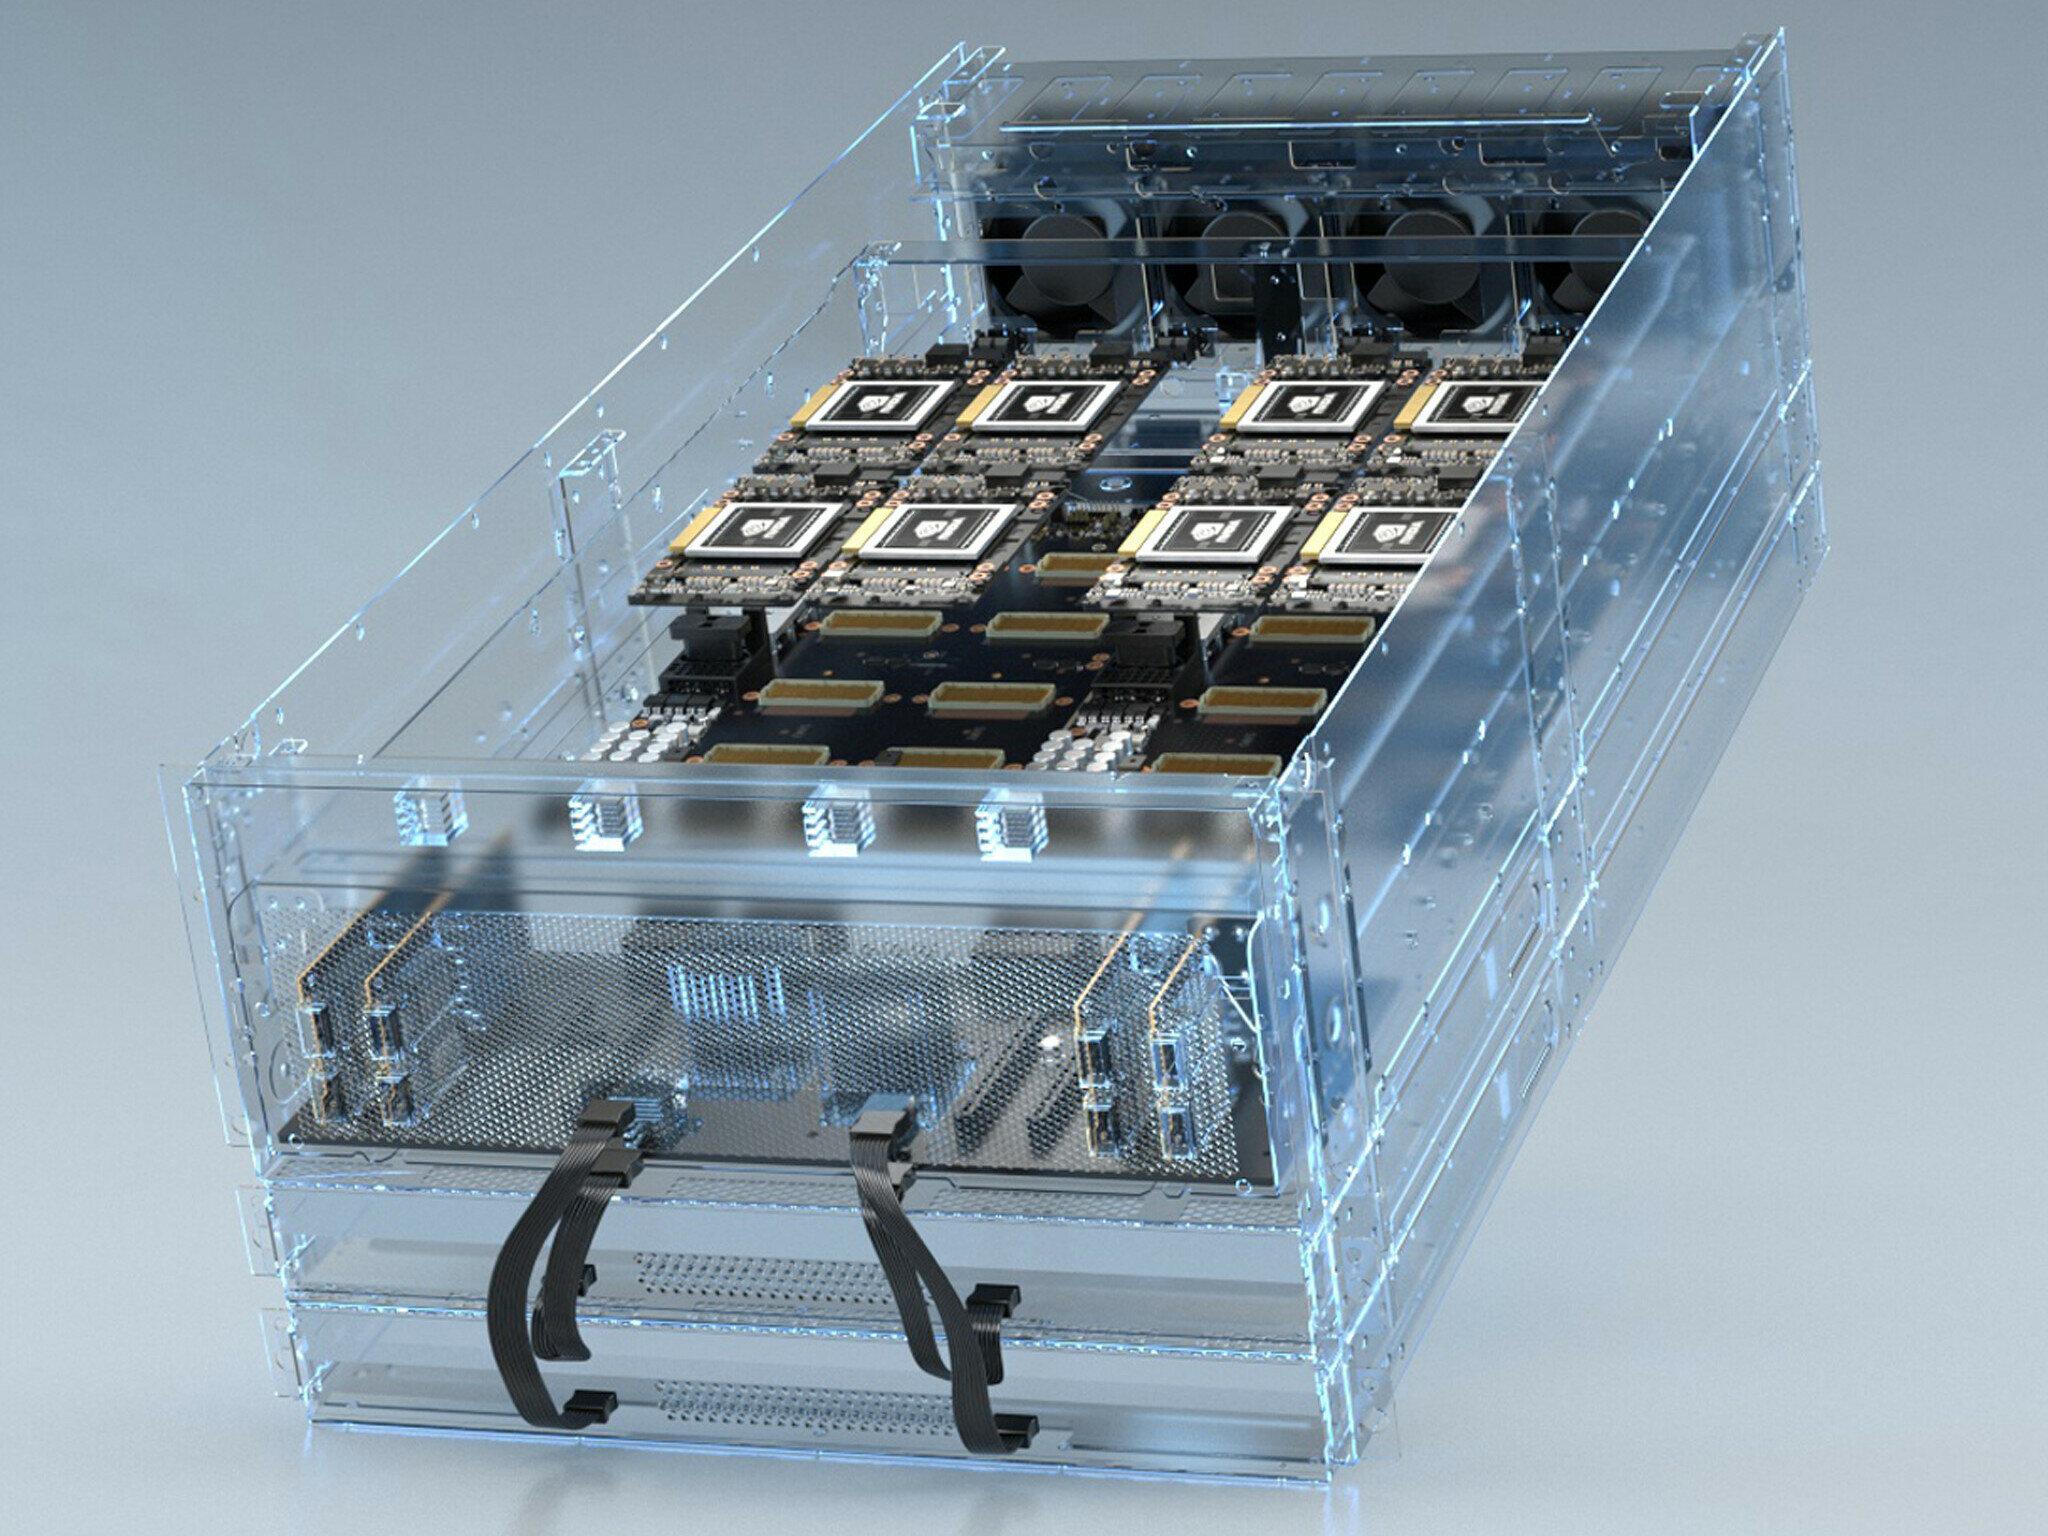 NVIDIA mise de plus en plus sur ARM pour se développer dans les serveurs